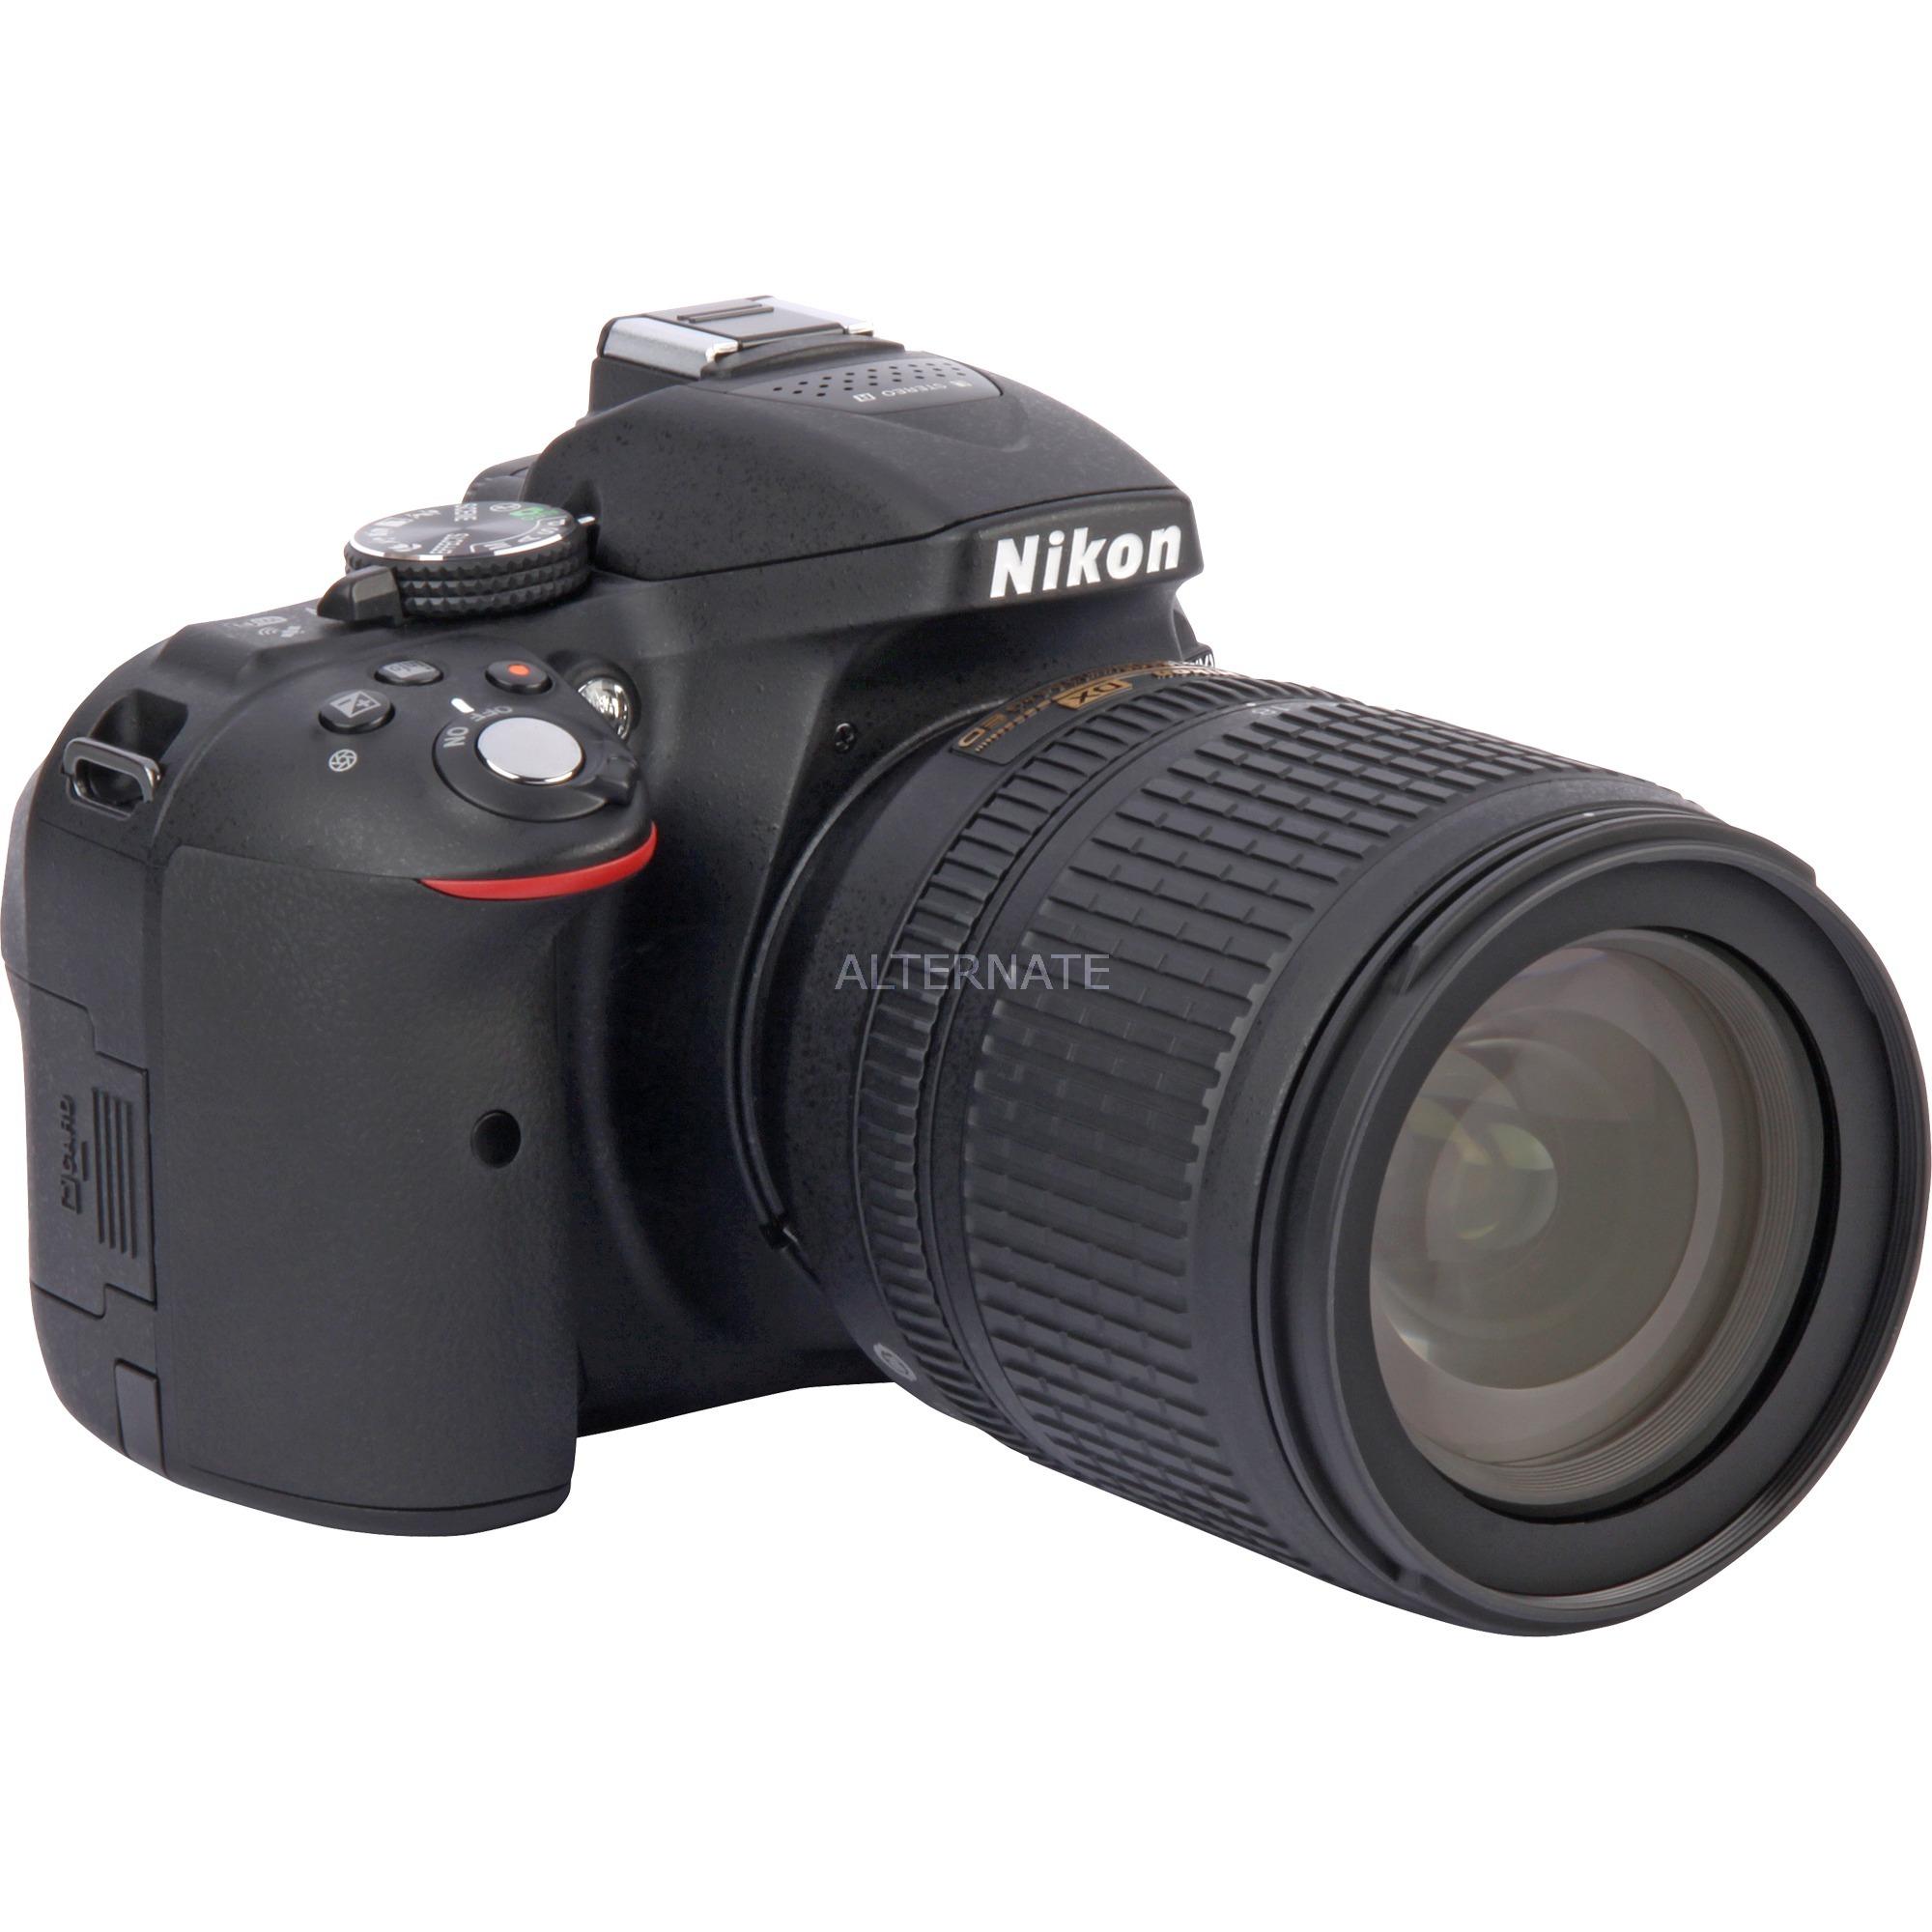 D5300 + AF-S DX NIKKOR 18-105mm Kit d'appareil-photo SLR 24.2MP CMOS 6000 x 4000pixels Noir, Appareil photo numérique